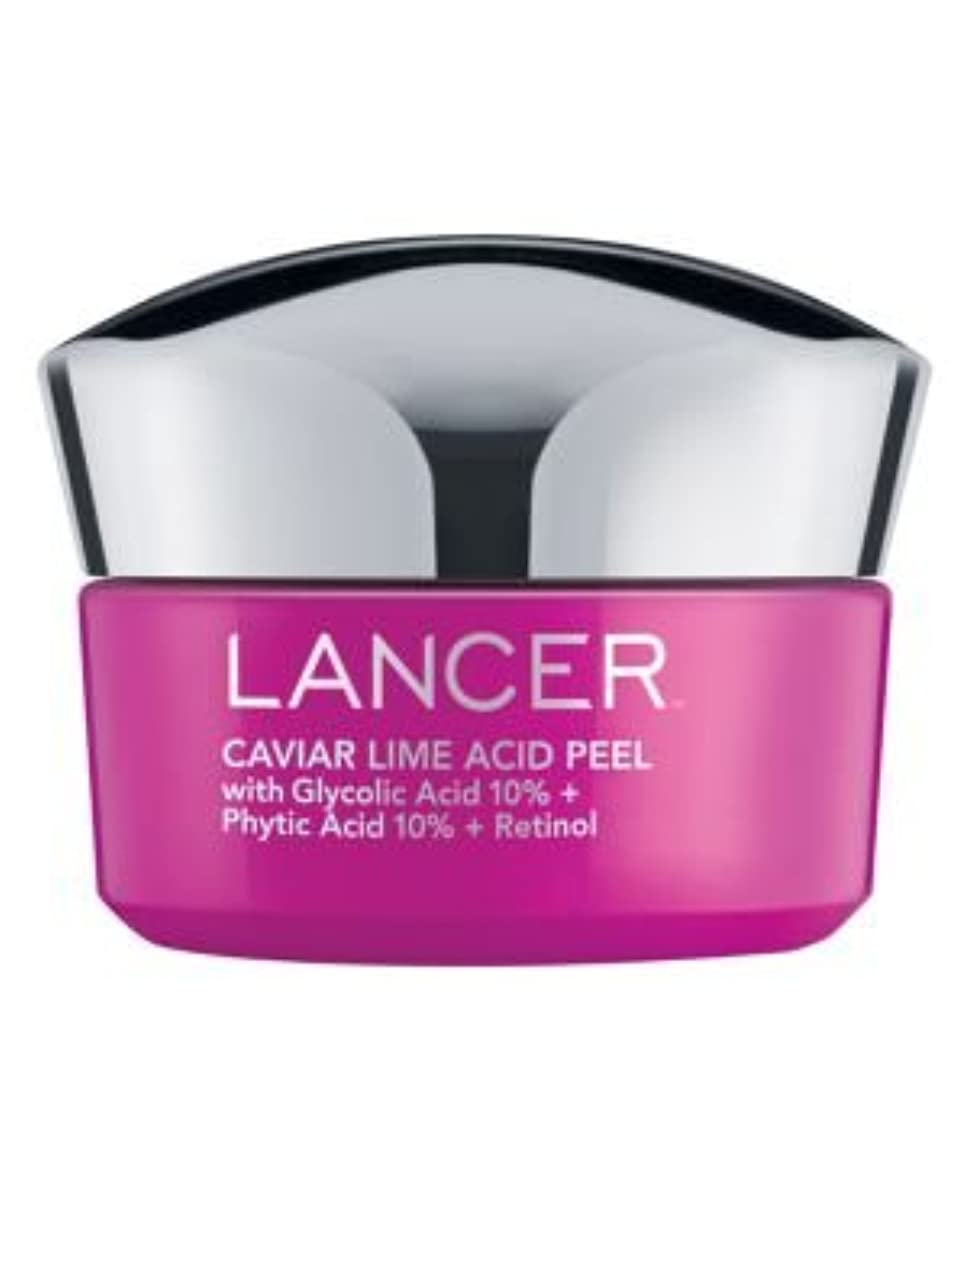 参照カレッジストリップLancer Caviar Lime Acid Peel 50ml